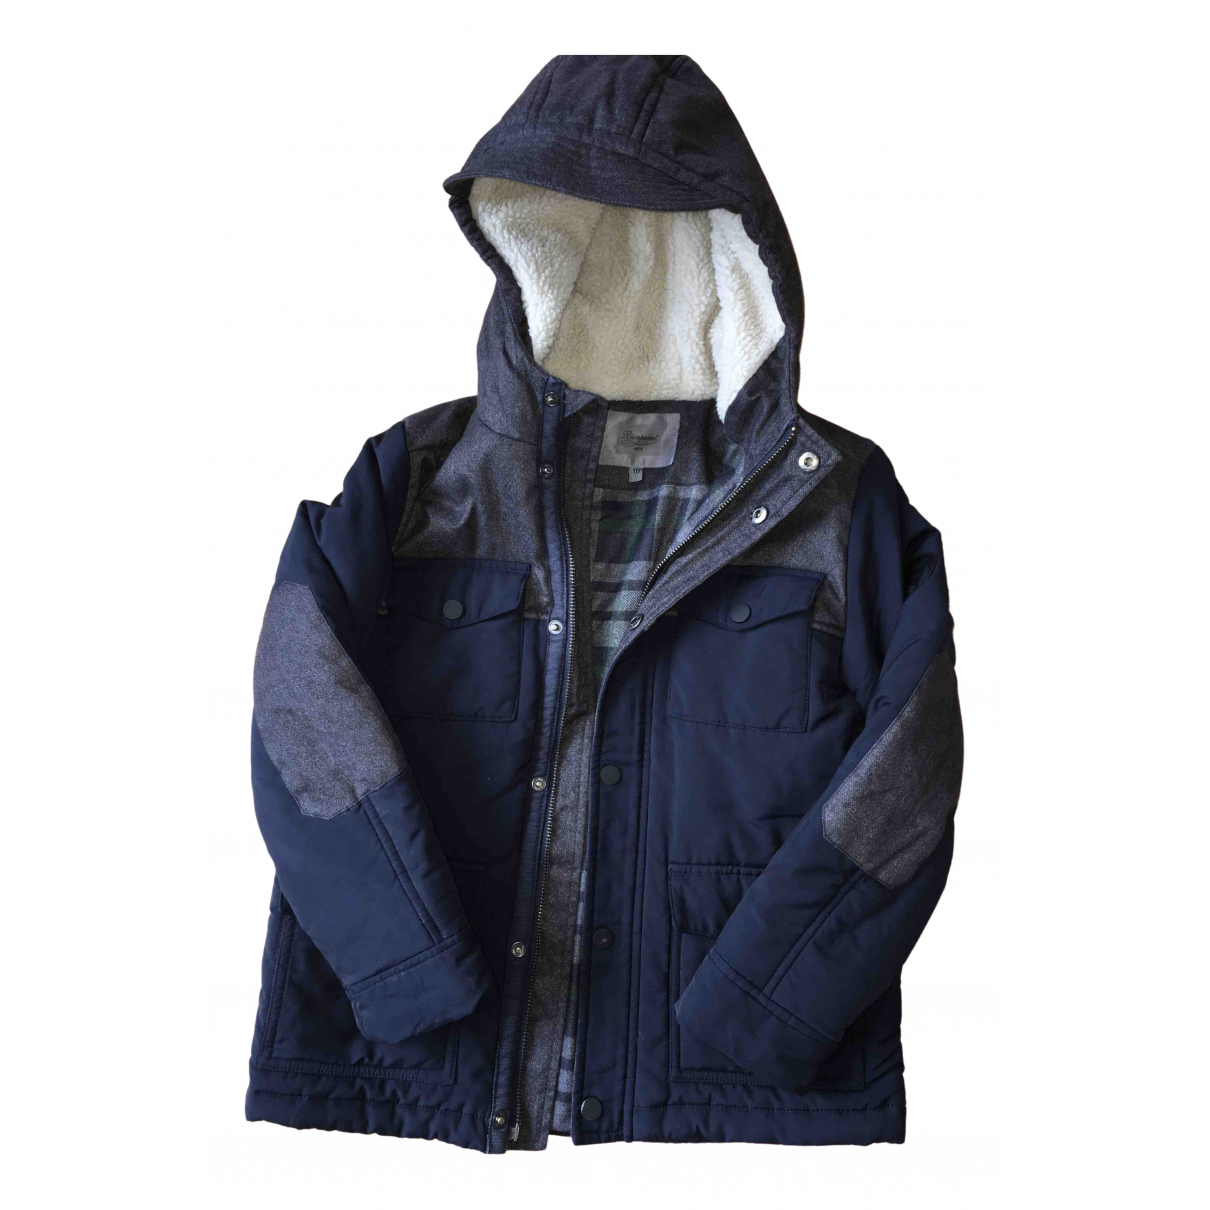 Bonpoint - Blousons.Manteaux   pour enfant - marine